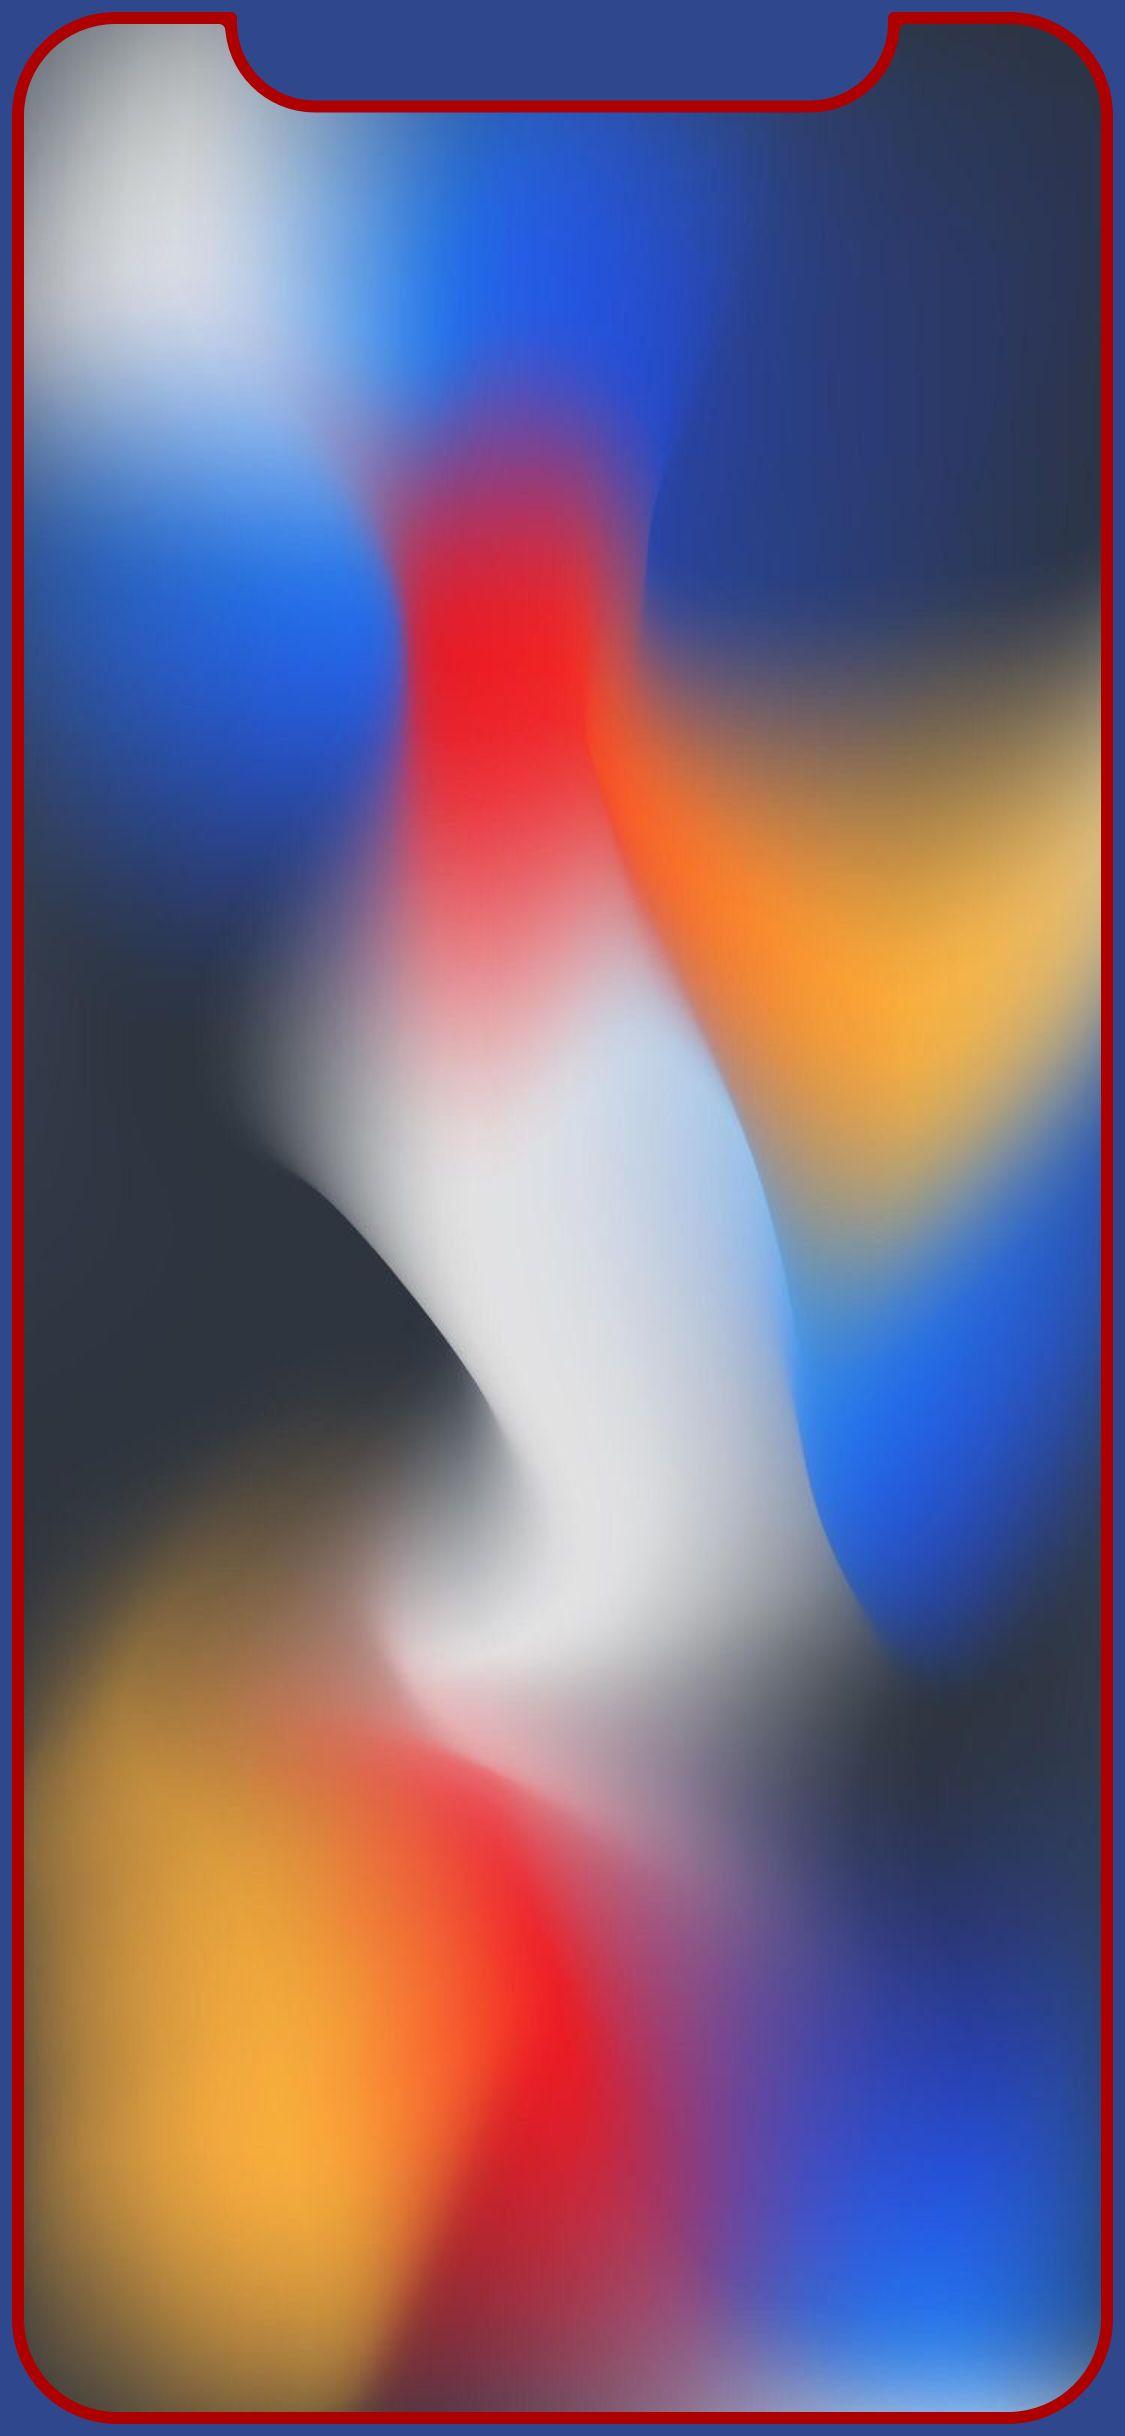 Pin by Deon Van Der Merwe on iphone x wallpaper Ios 11